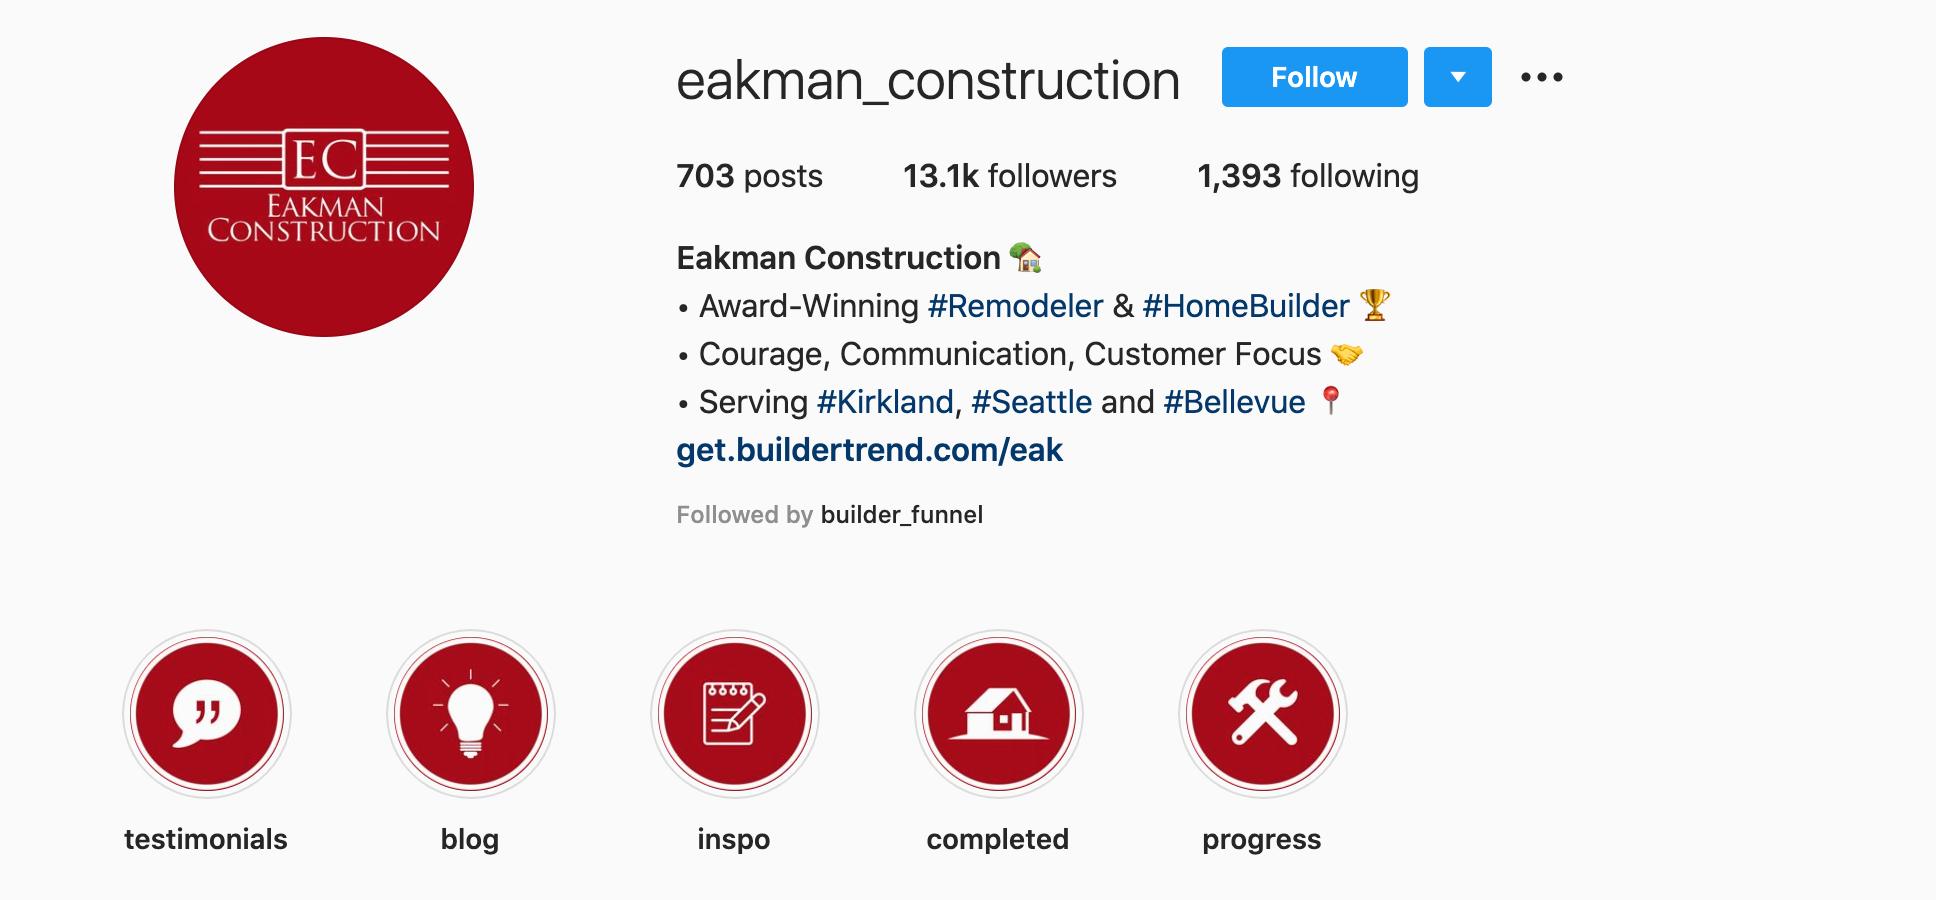 eakman-construction-instagram-profile